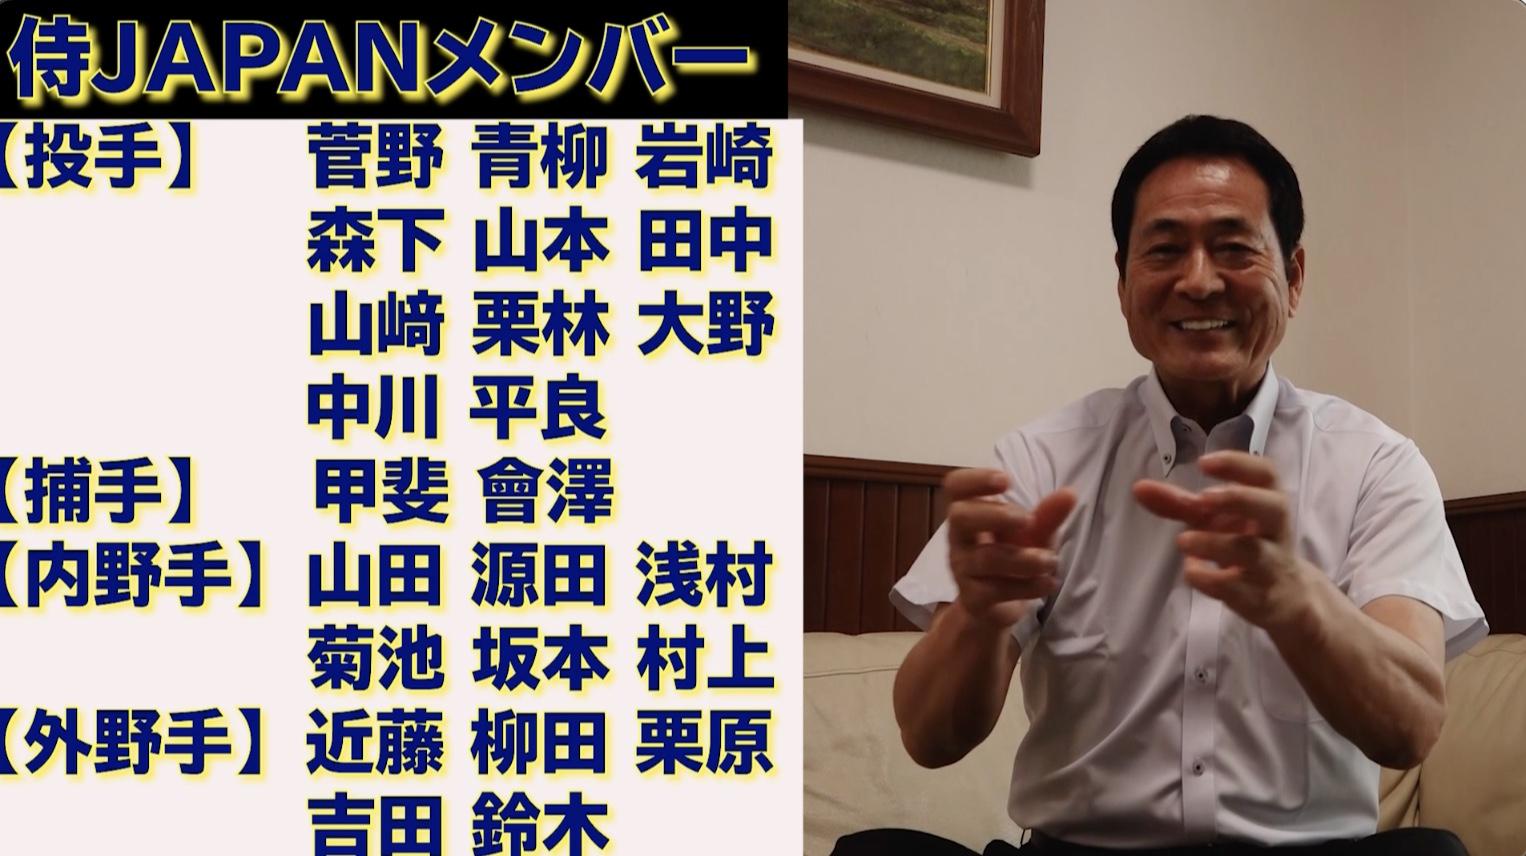 侍ジャパン 東京五輪代表選考の舞台裏と思惑とは!?【キヨシの超本音解説】